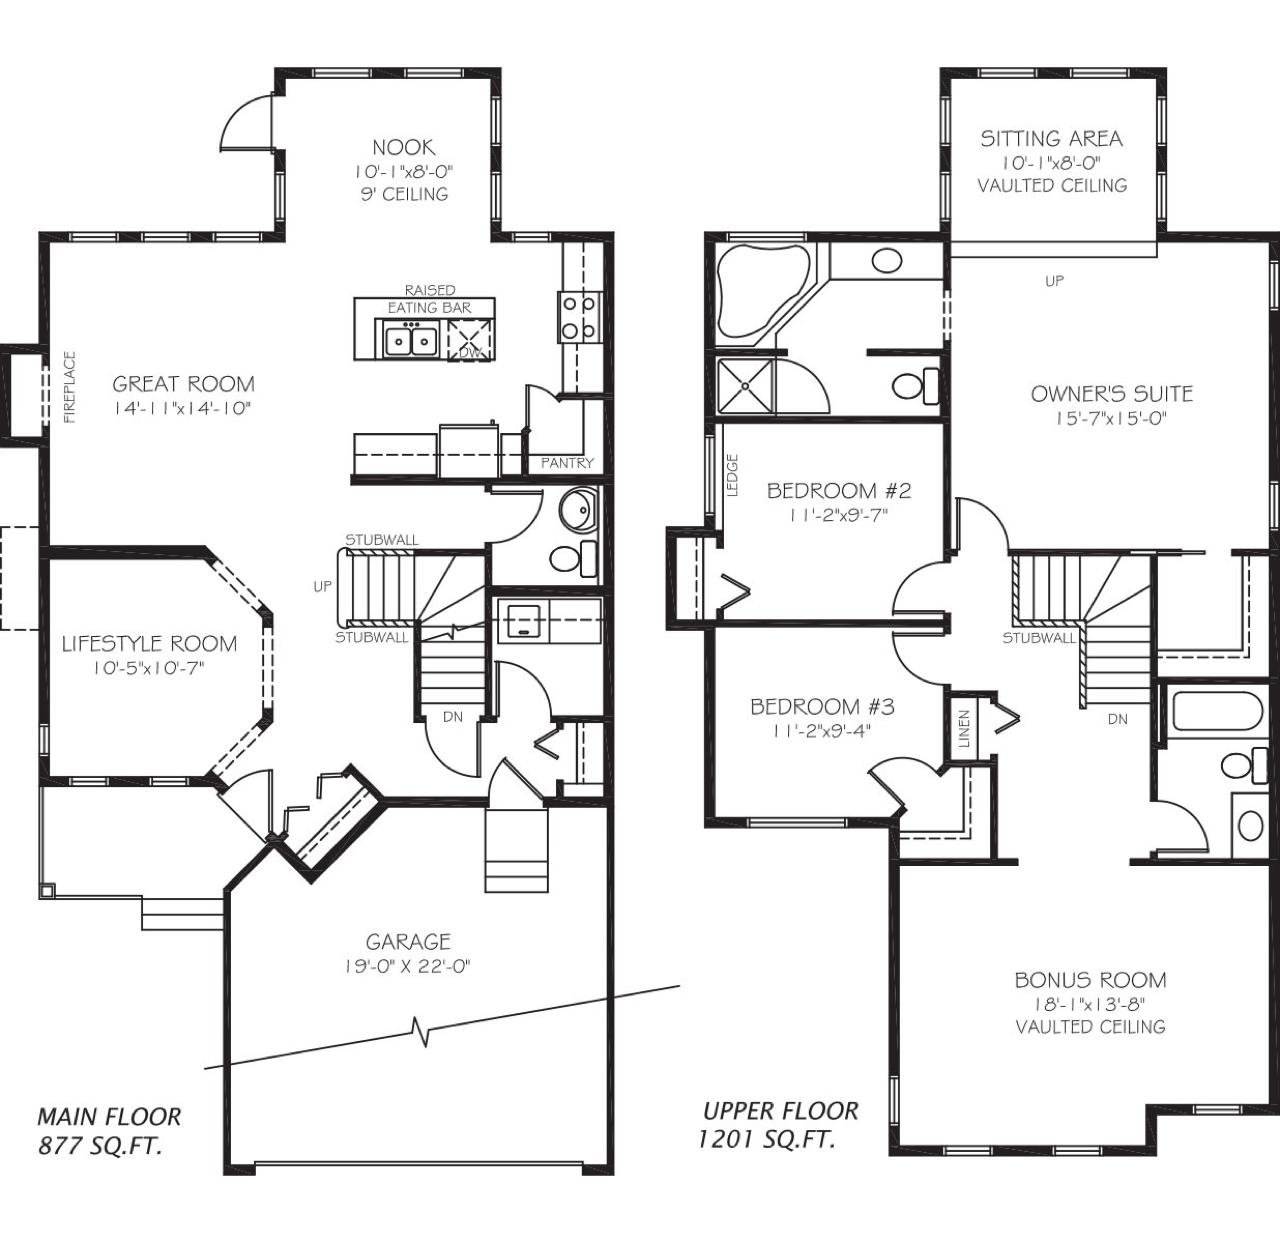 TBT: Old Pacesetter Floor Plans Cambridge Floor Plan image